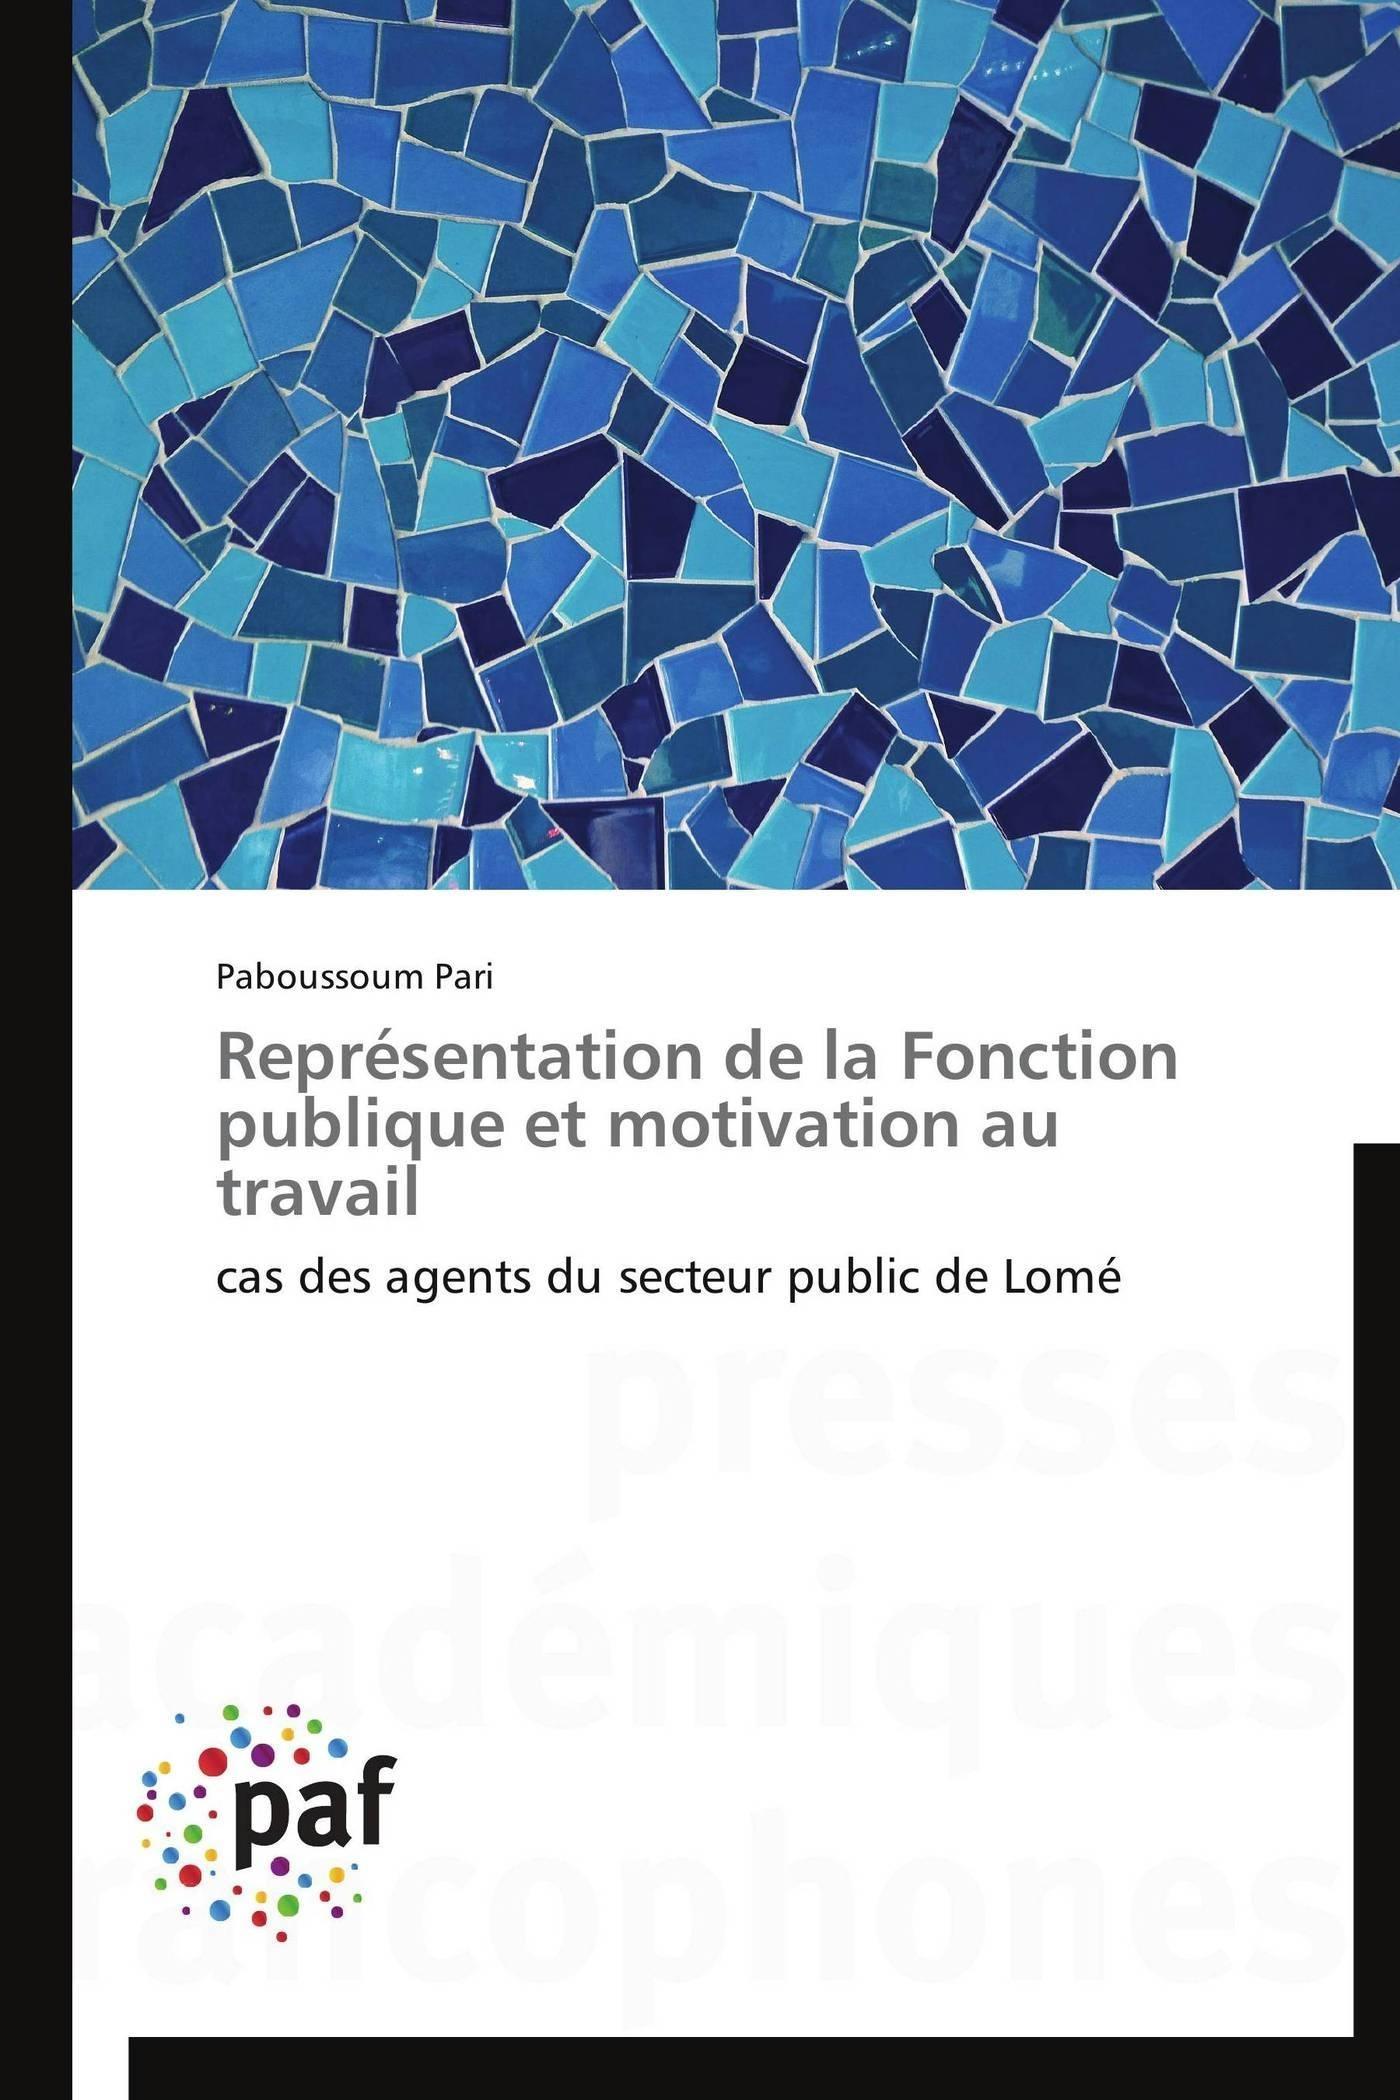 REPRESENTATION DE LA FONCTION PUBLIQUE ET MOTIVATION AU TRAVAIL